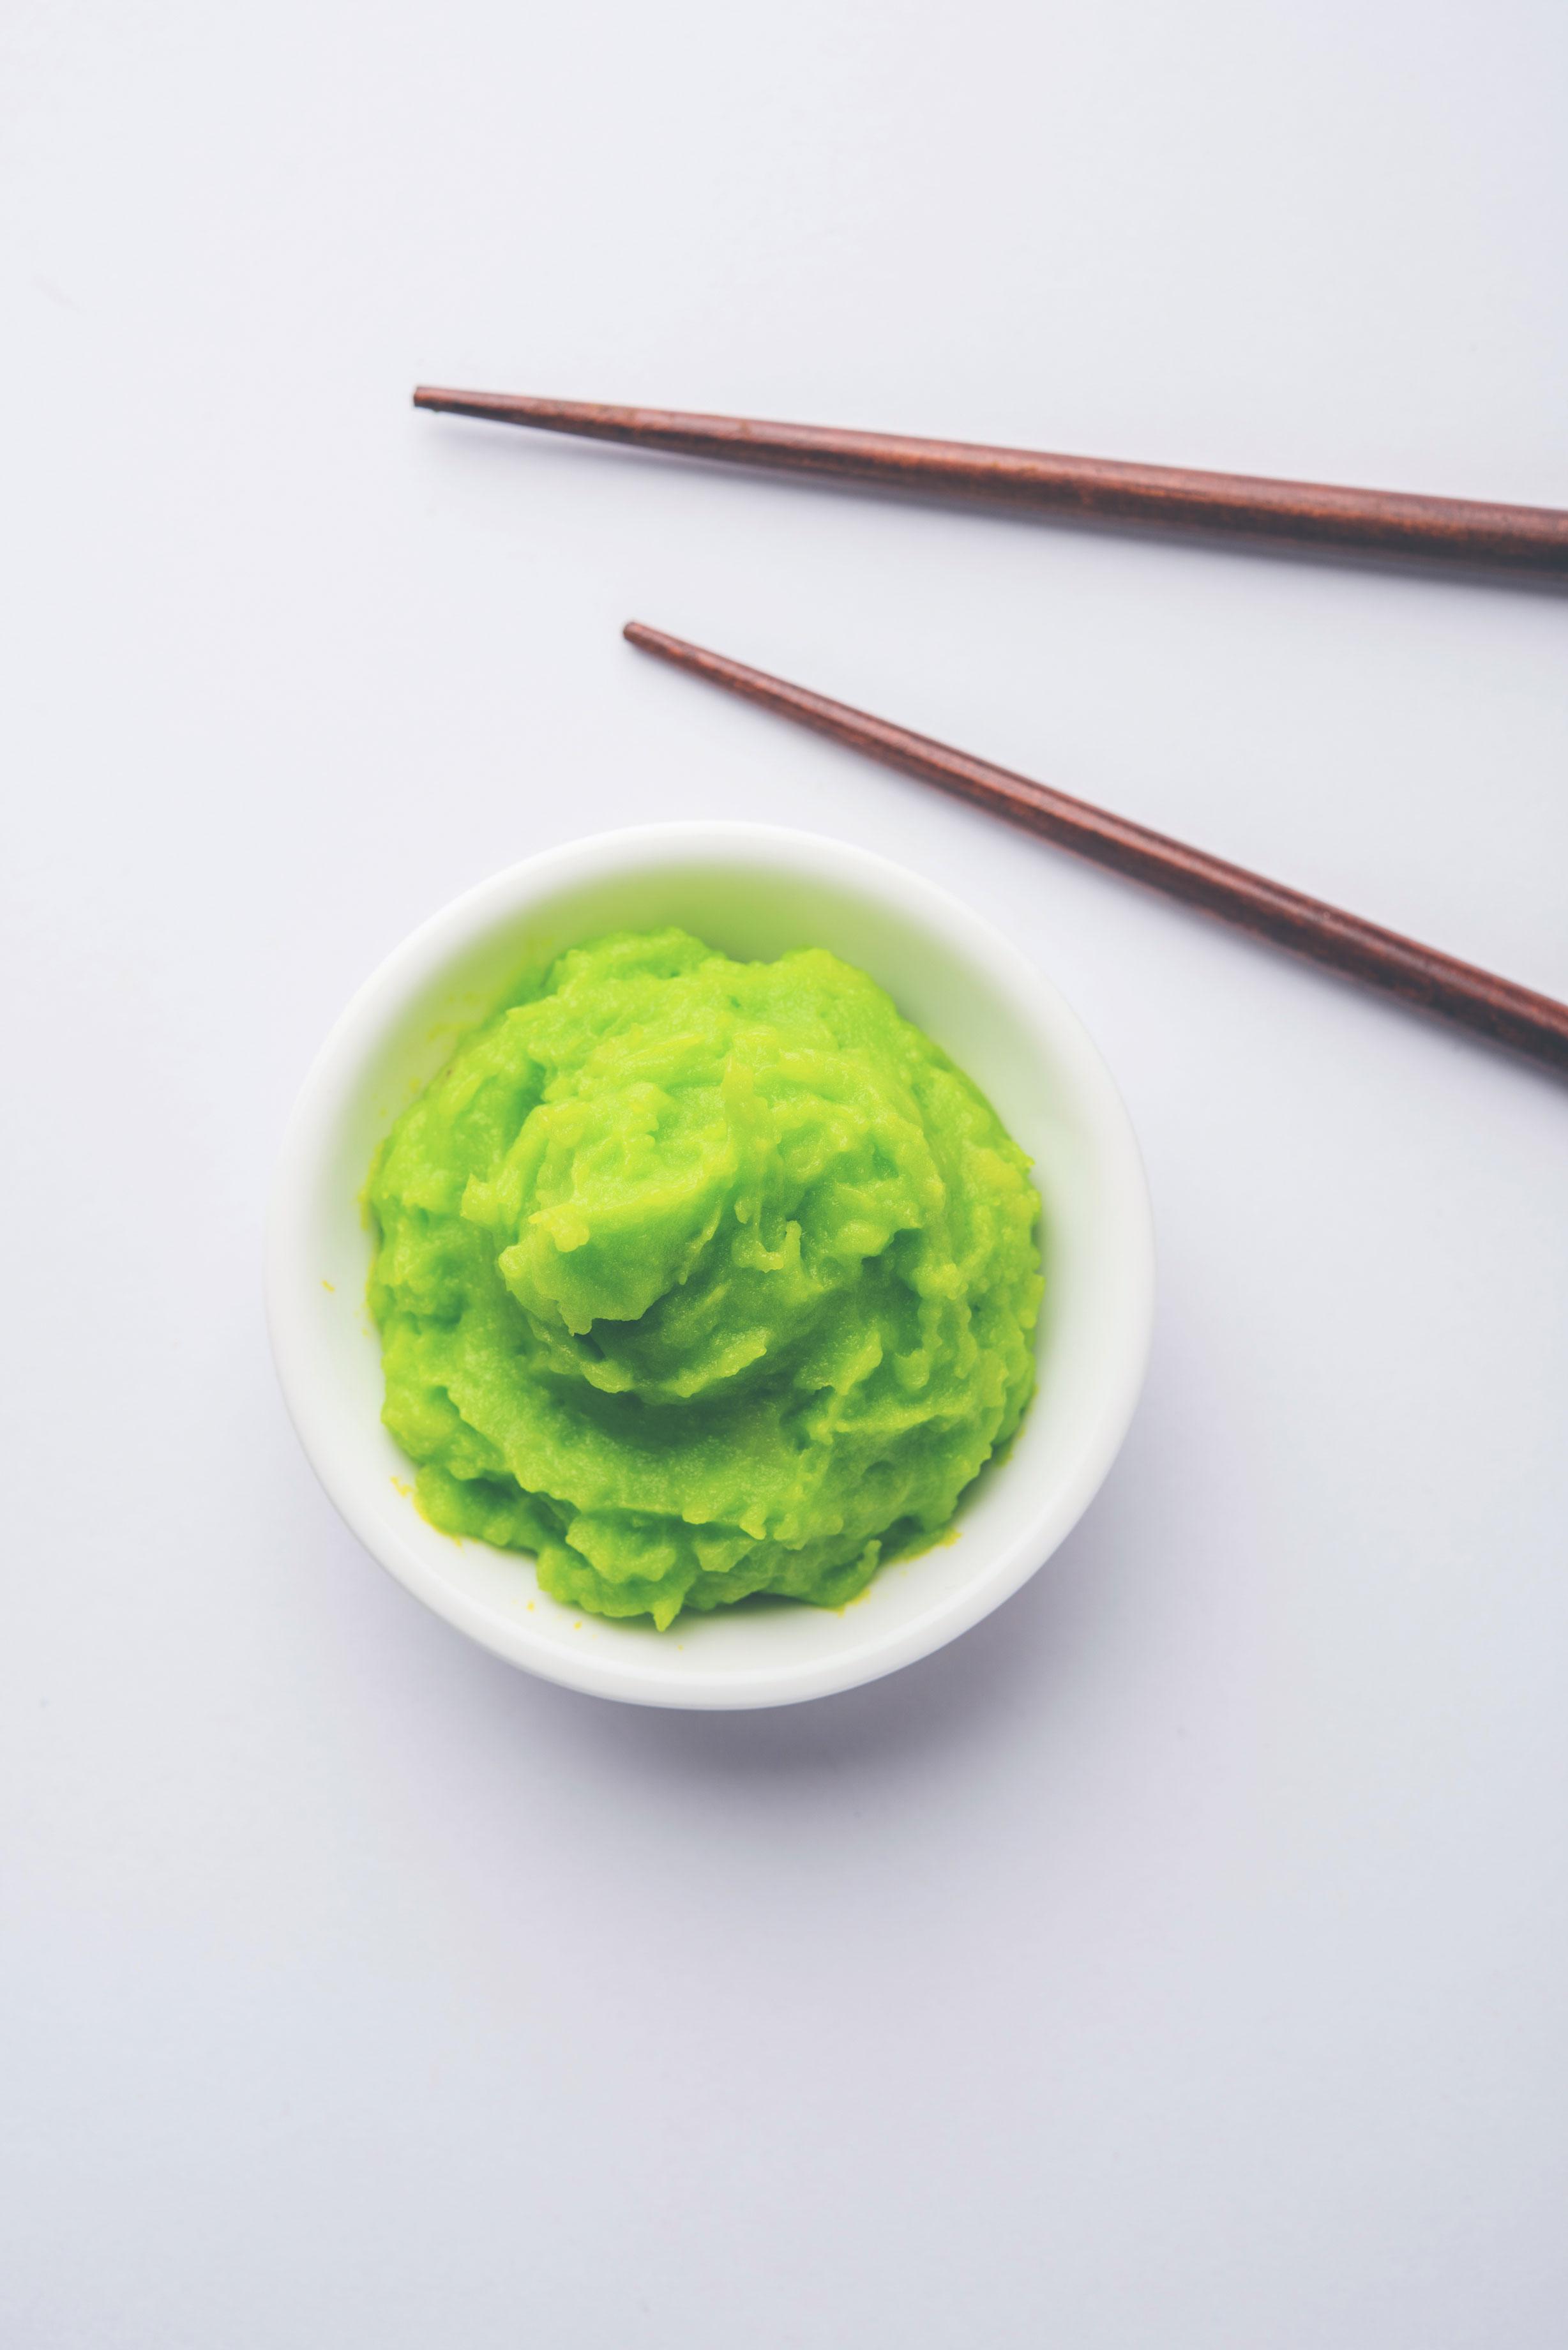 introducing the wasabi